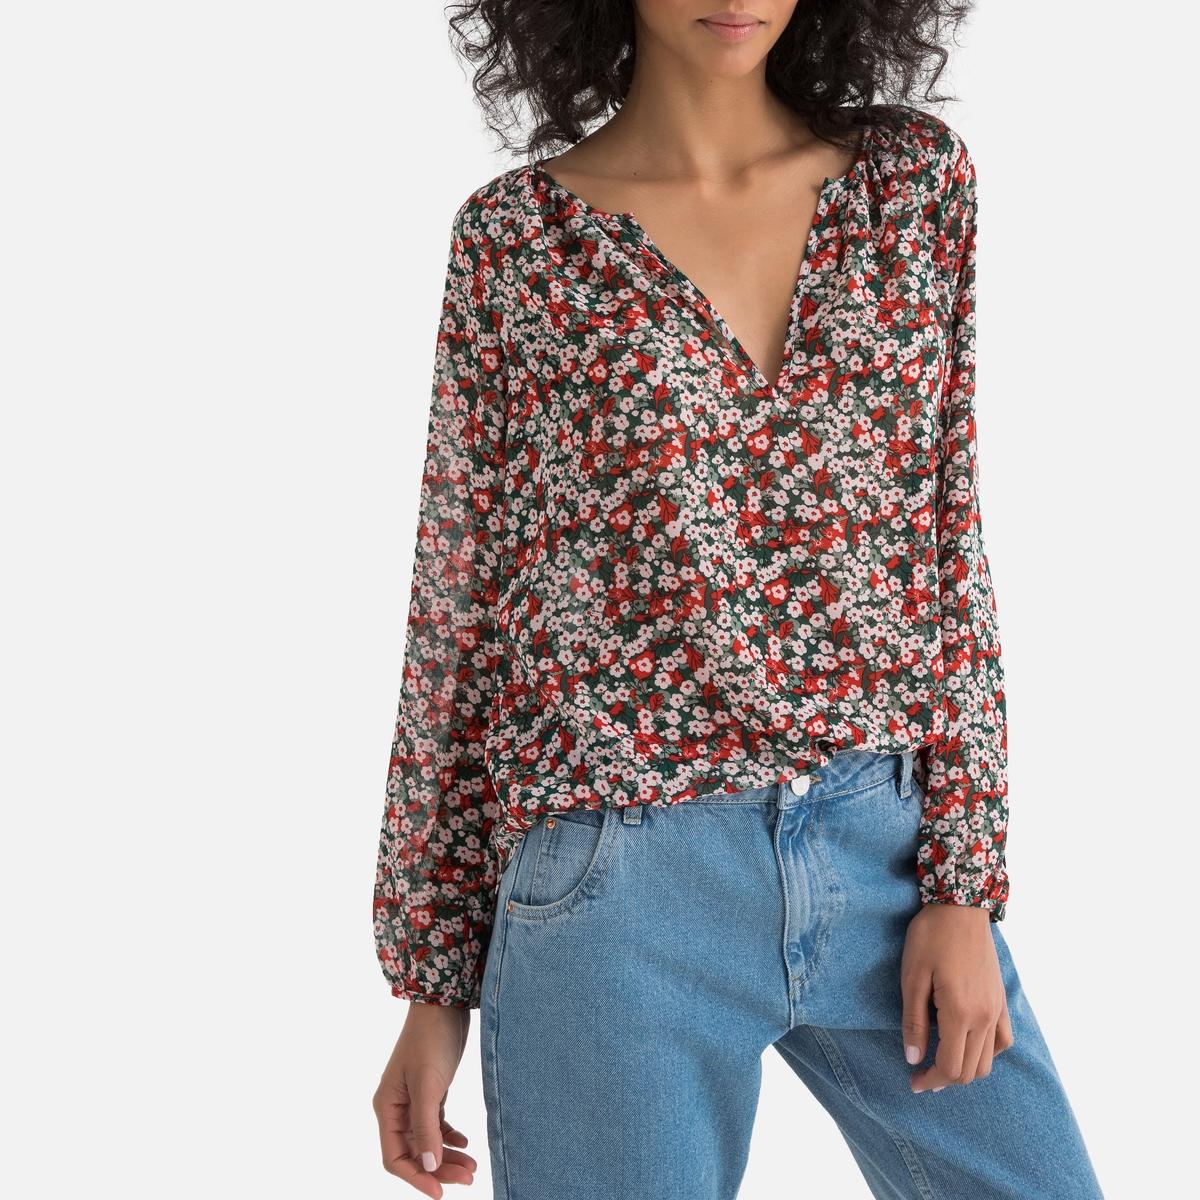 Блузка La Redoute С V-образным вырезом цветочным рисунком и длинными рукавами XS оранжевый блузка la redoute с круглым вырезом цветочным рисунком и длинными рукавами s черный